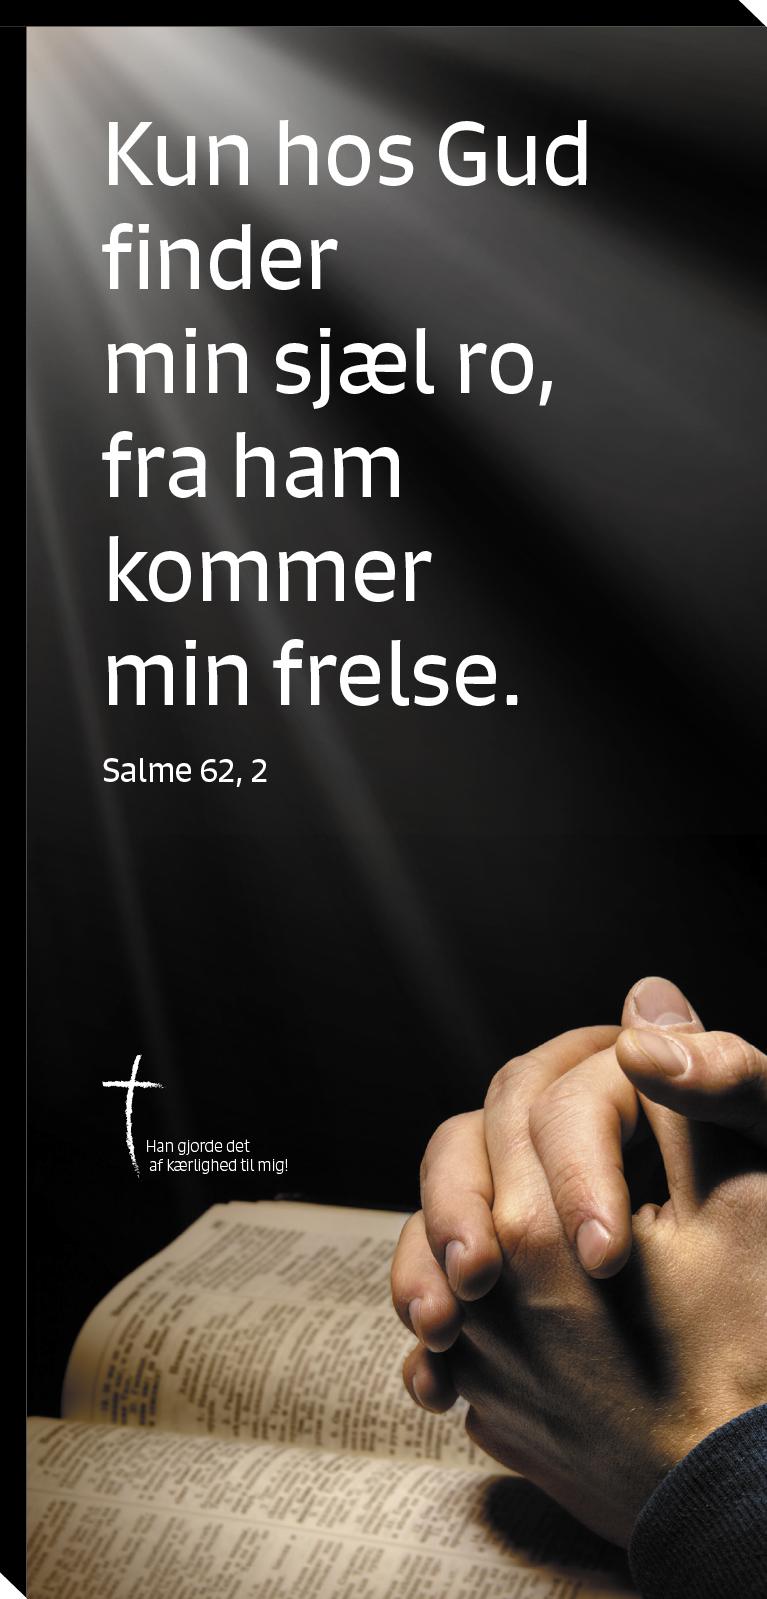 Salme 62, 2 Image